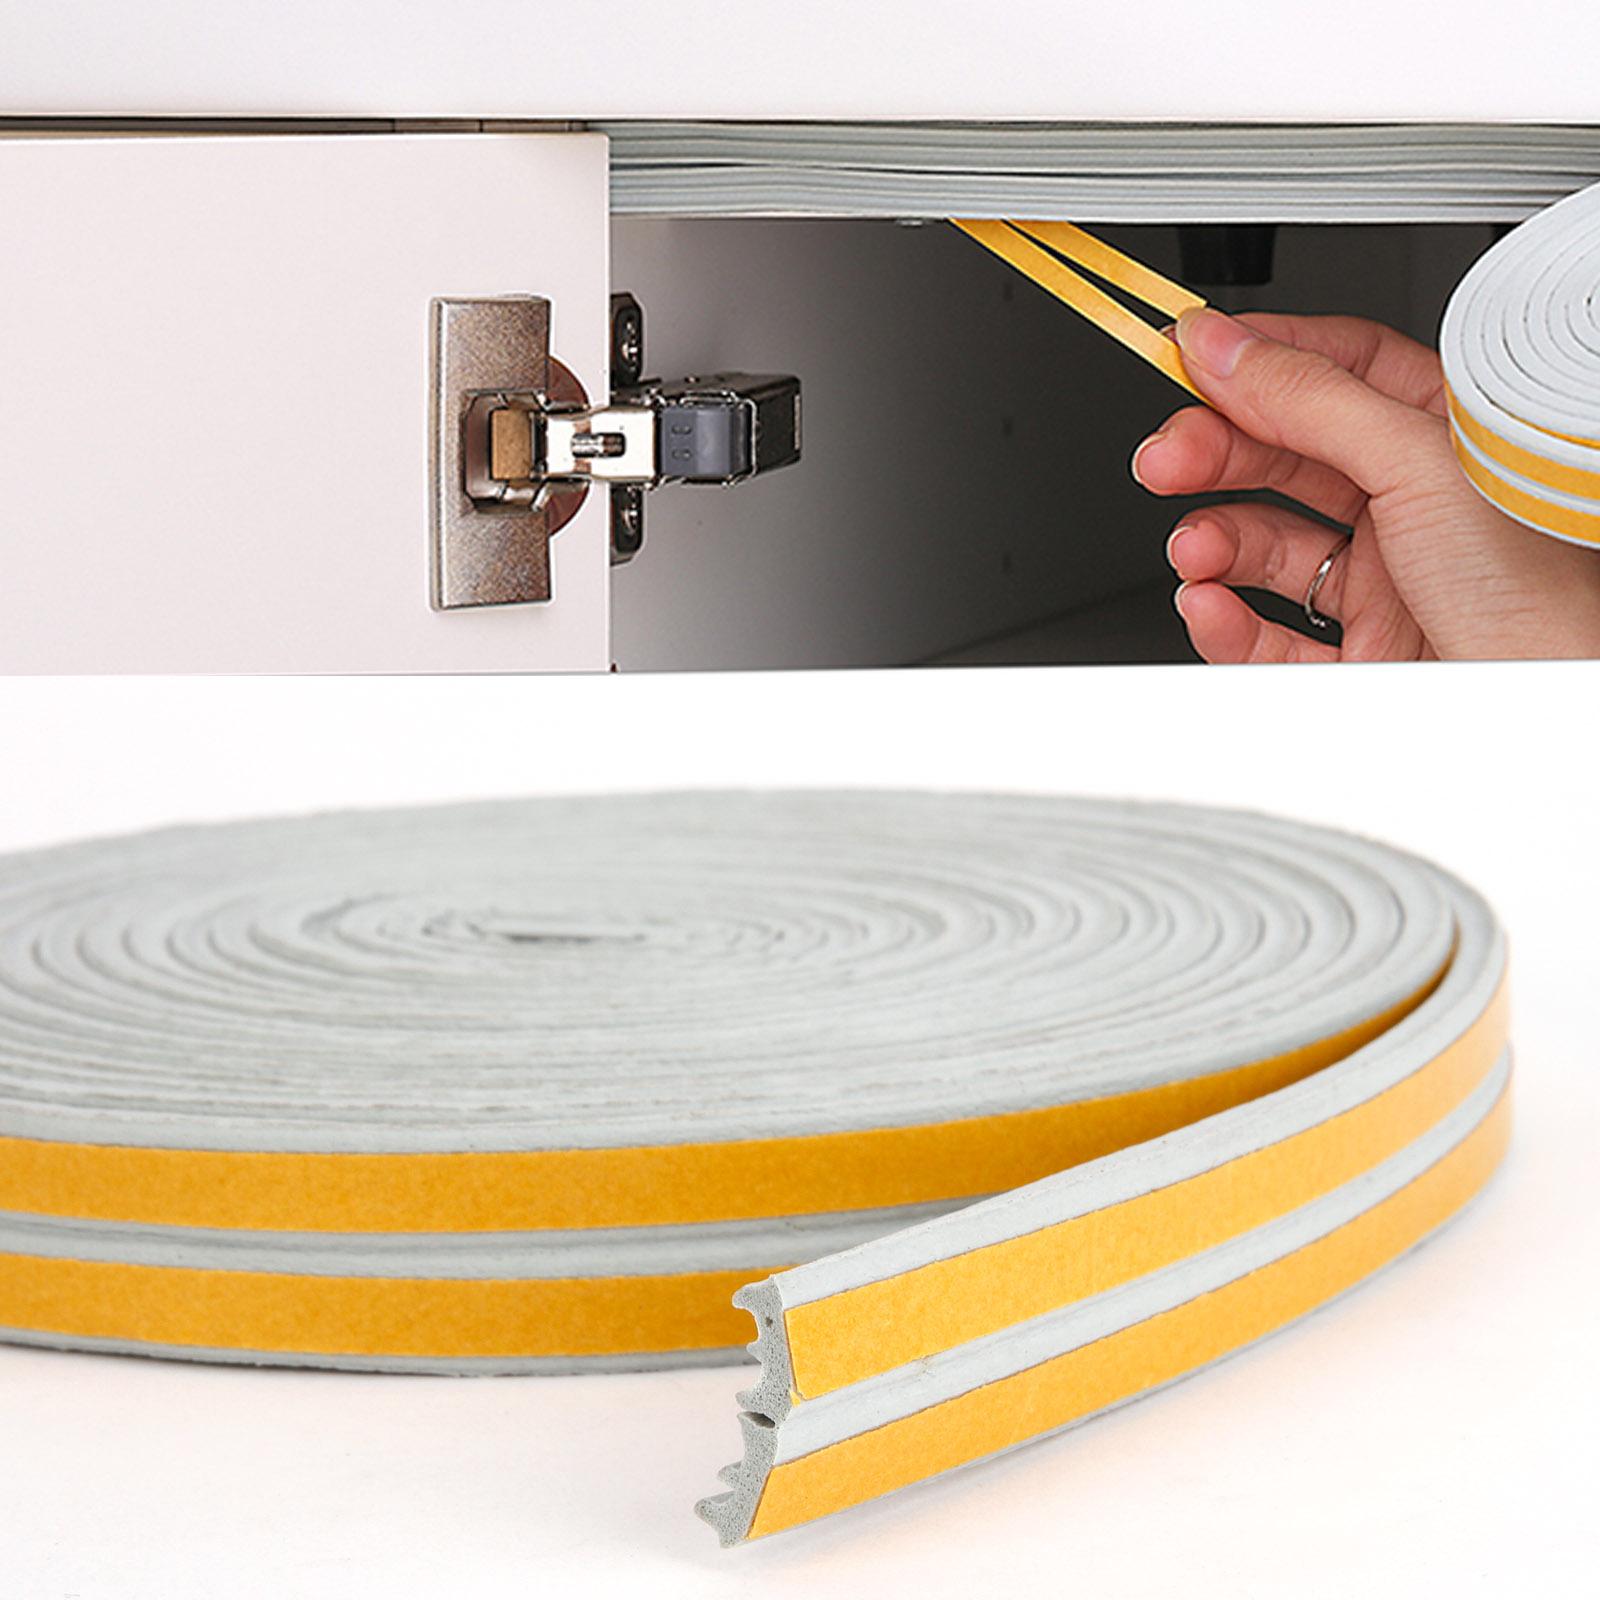 joint caoutchouc mousse adhesif interstice fenetre porte 6m forme profile e gris ebay. Black Bedroom Furniture Sets. Home Design Ideas